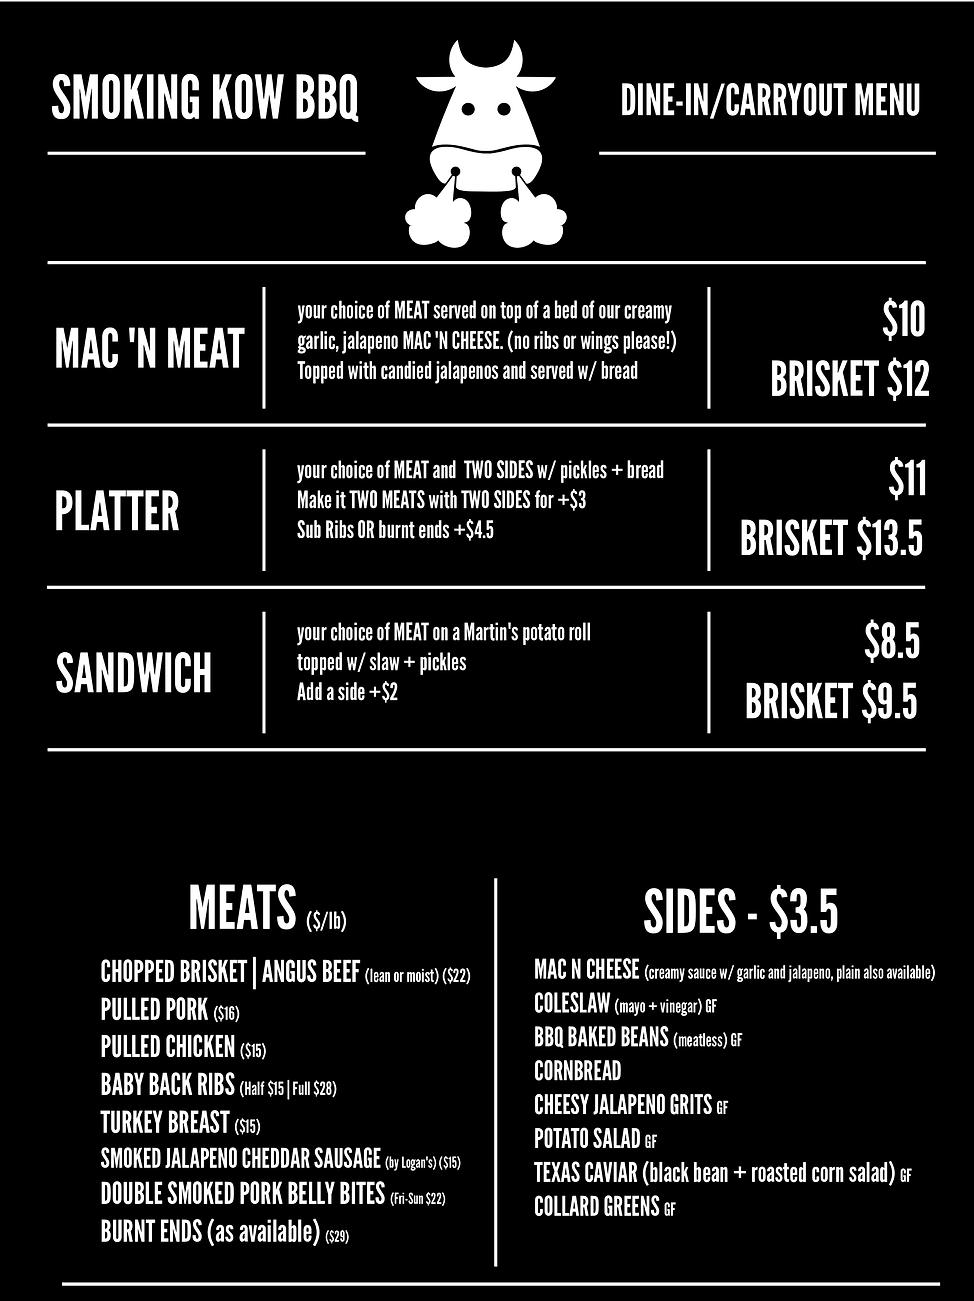 restaurant menu - LEFT 8-3-20 NEW SYCAMO